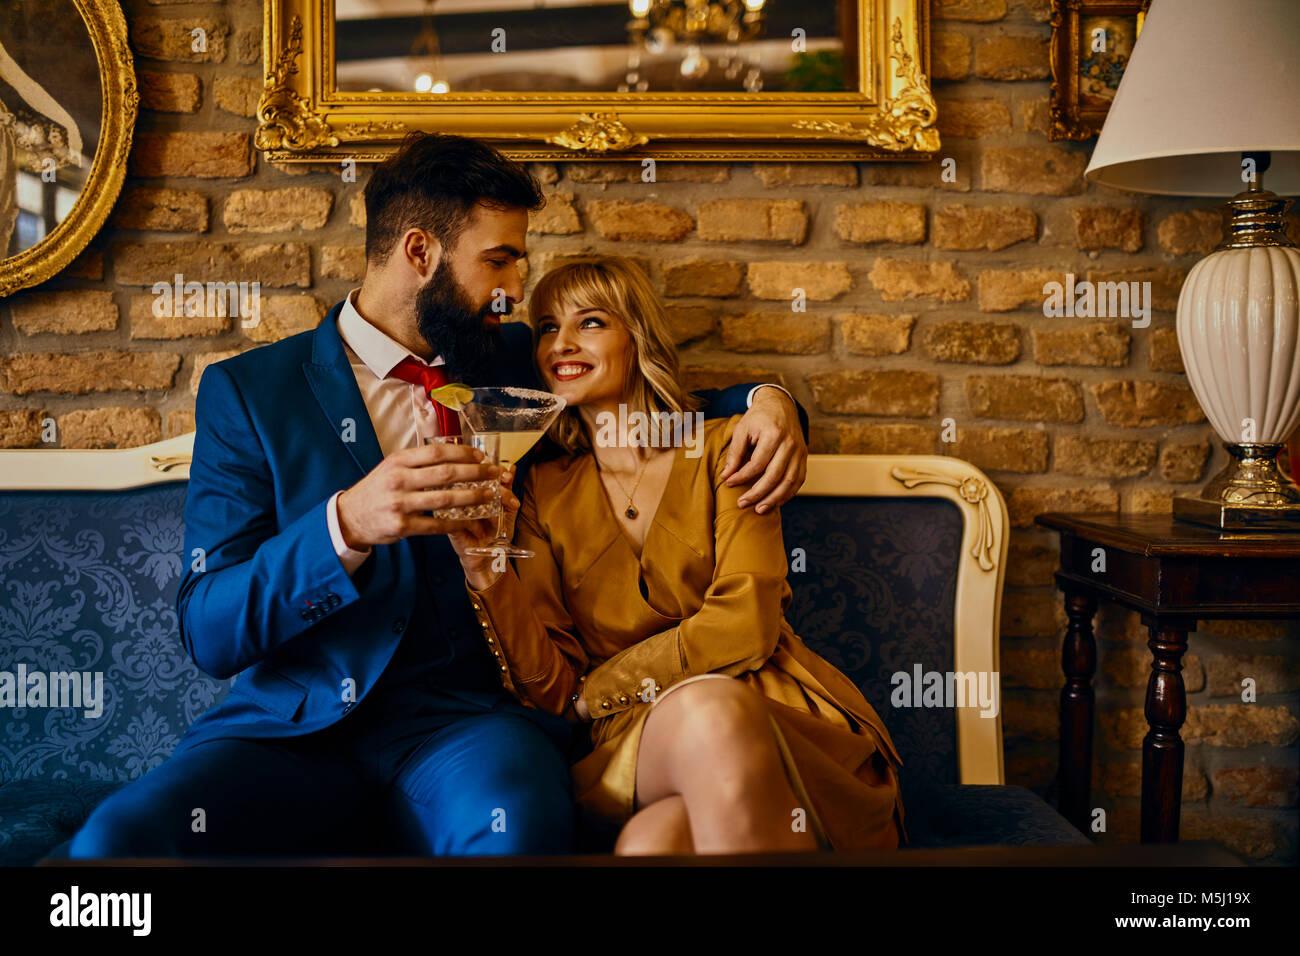 Heureux couple élégant avec boissons sitting on couch embracing Photo Stock